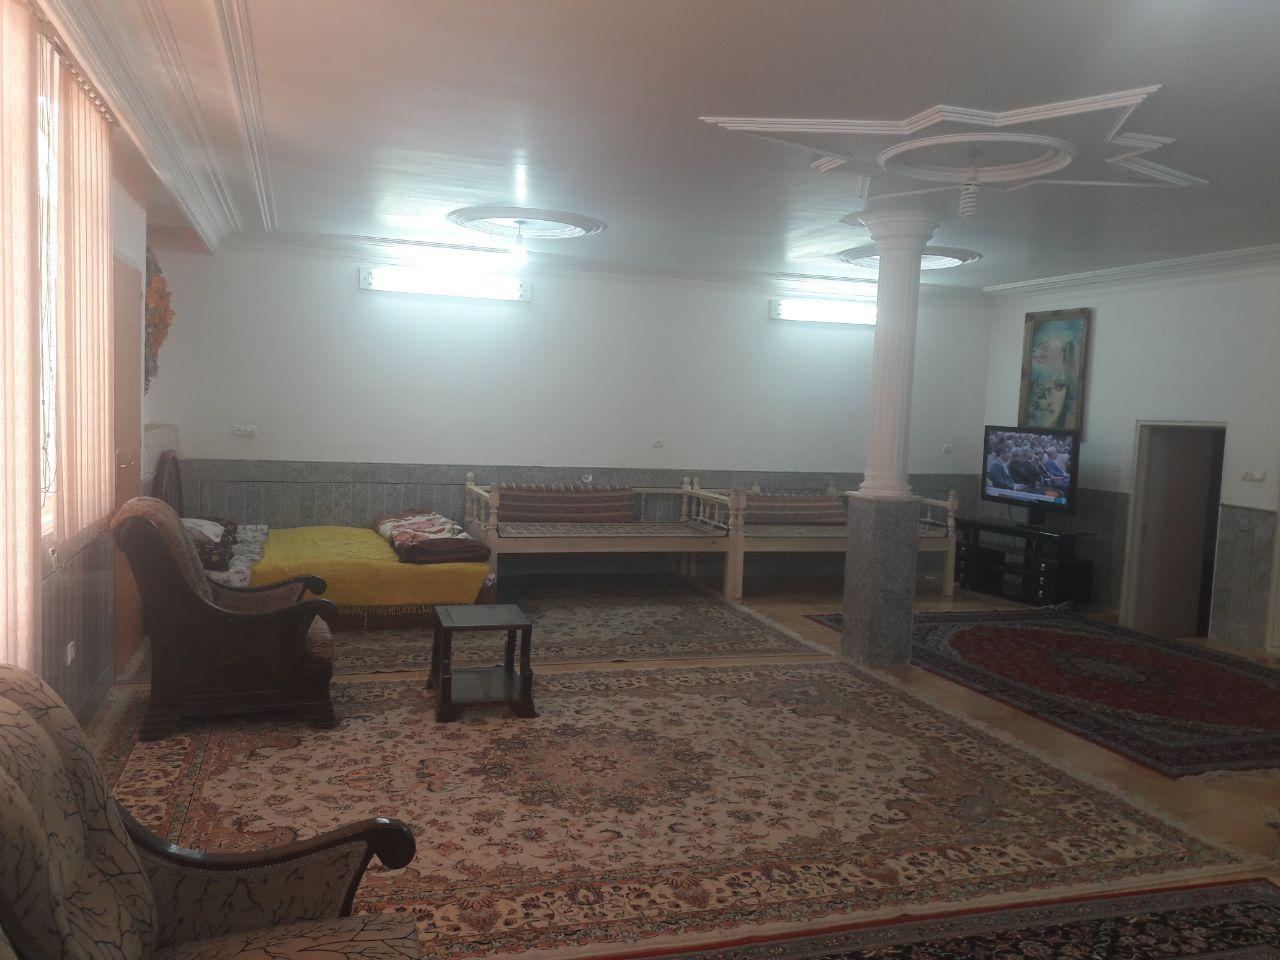 آپارتمان مبله دو خوابه در کاشان-کد ۱۵۳